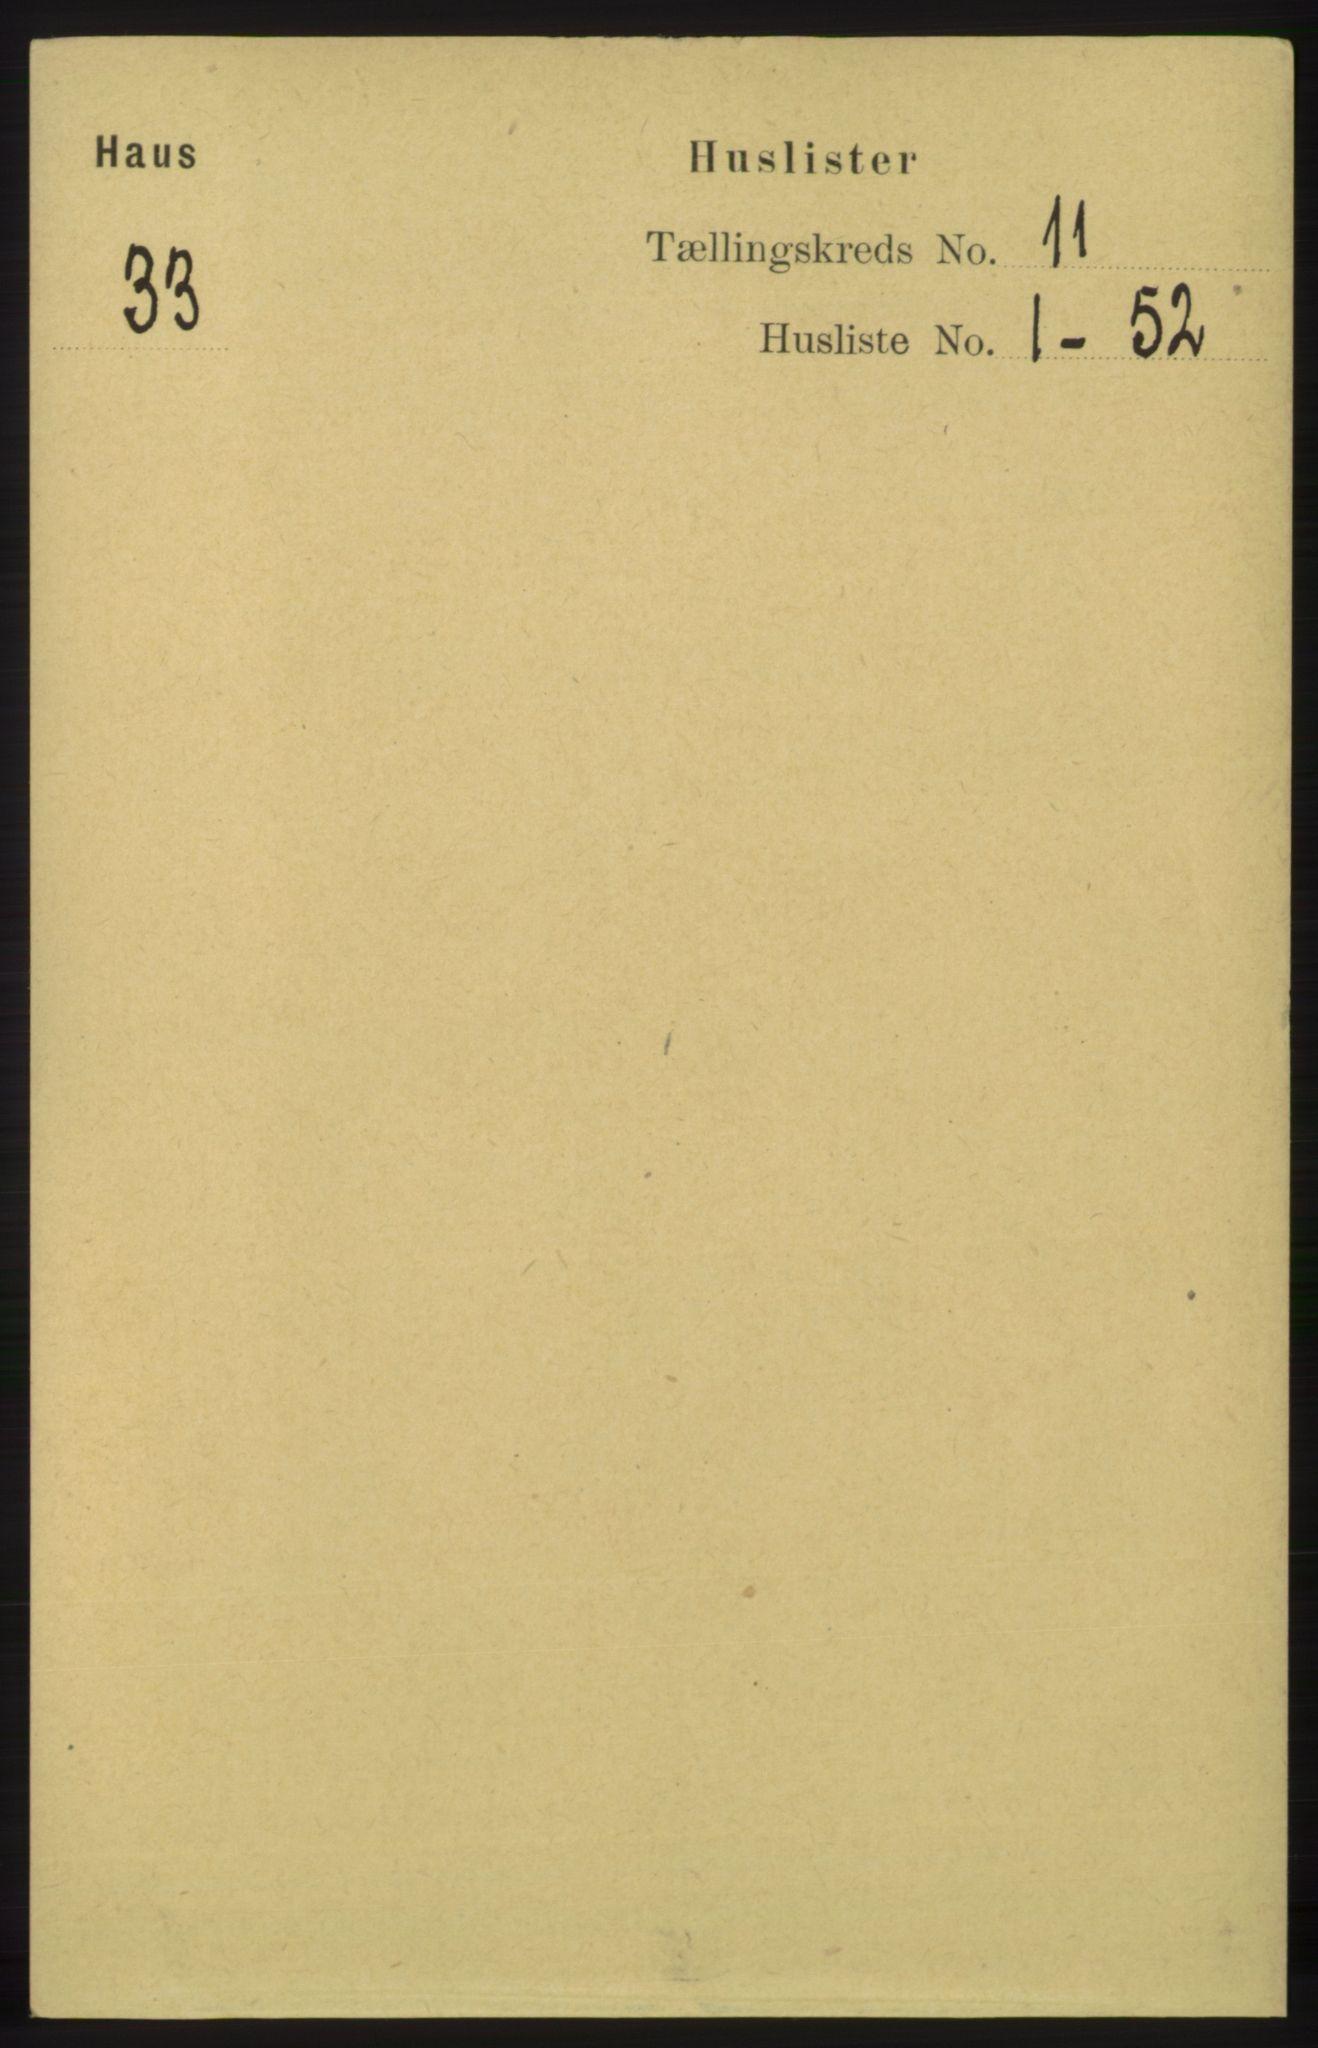 RA, Folketelling 1891 for 1250 Haus herred, 1891, s. 4271